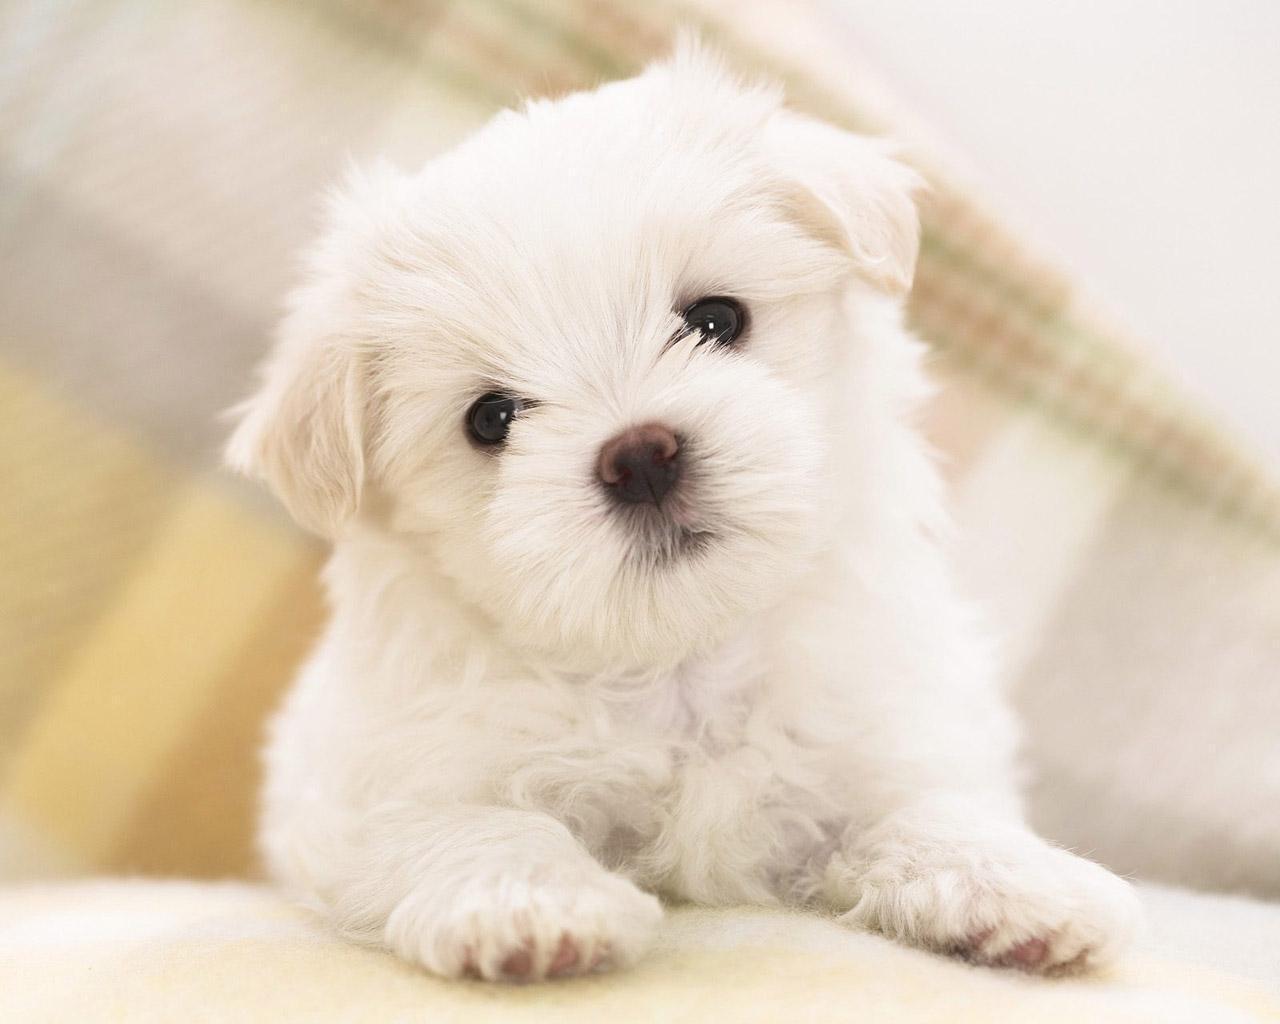 Hình nền chú chó con đáng yêu